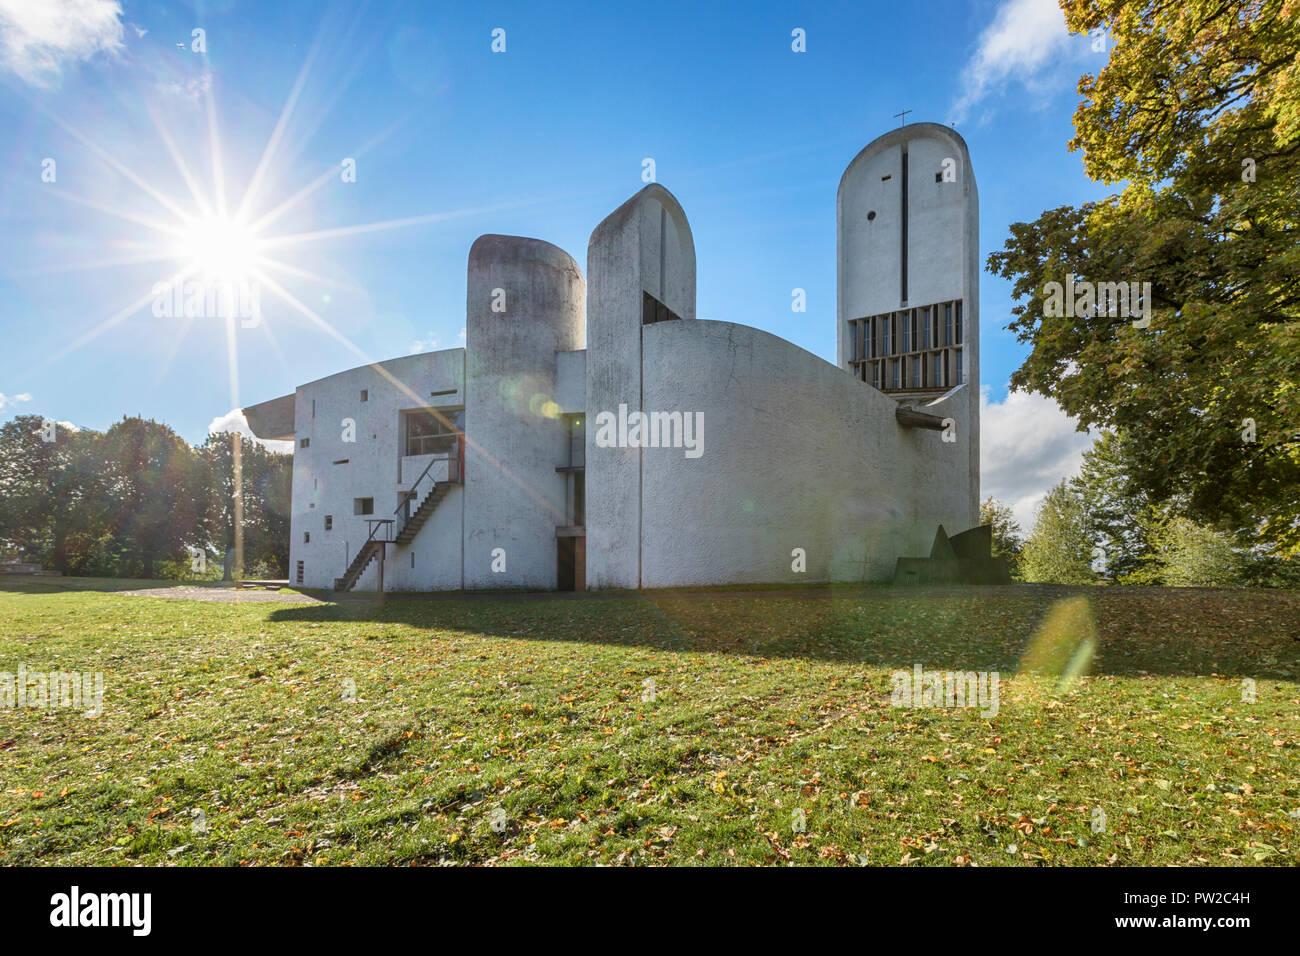 Cappella di Notre Dame du Haut costruito dall'architetto Le Corbusier nel 1955 a rochamp, Bourgogne-Franche-Comté, Francia. Vista Nort-Western agaisnt mattina s Foto Stock